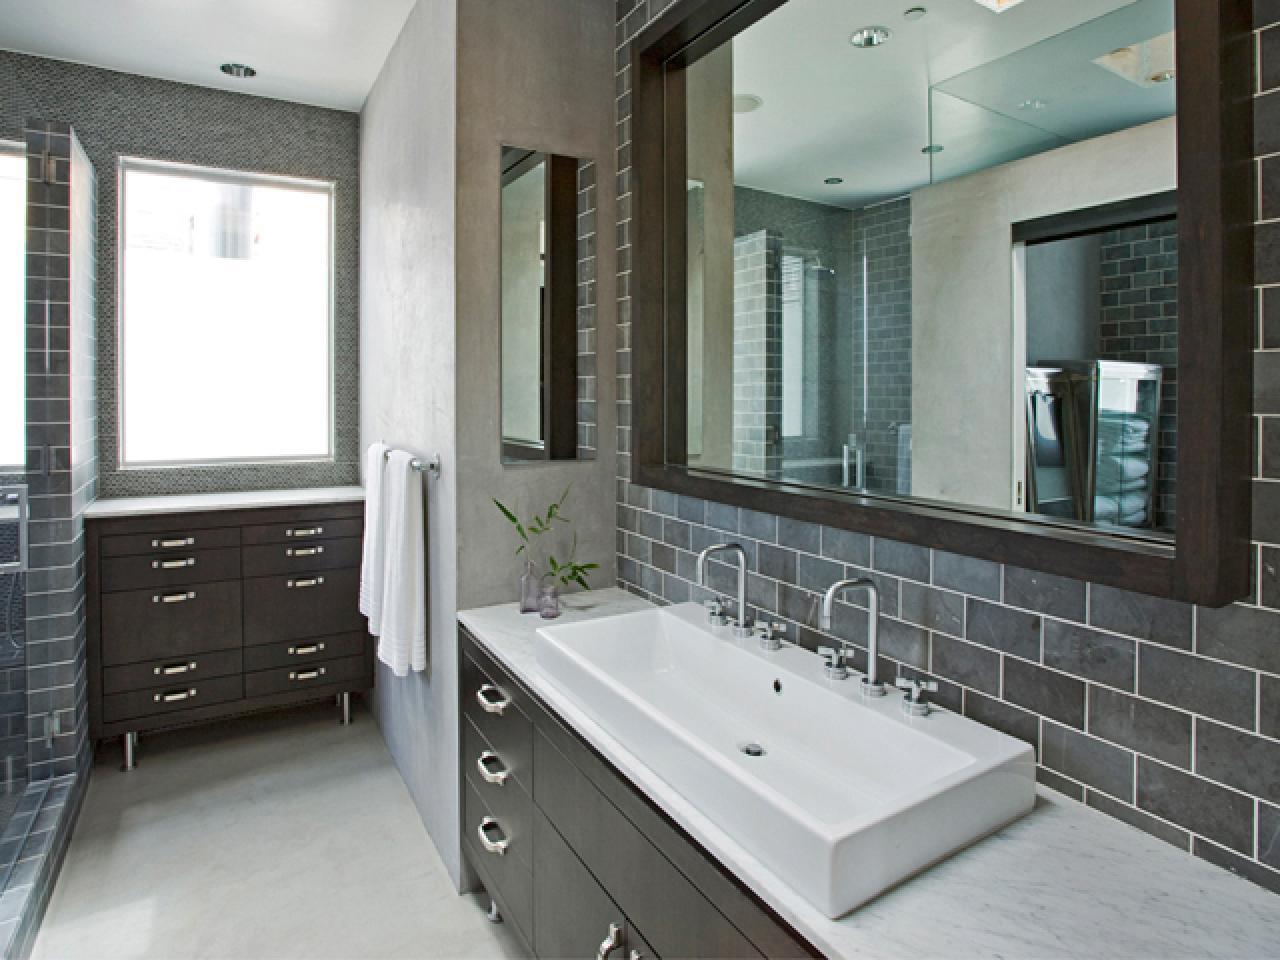 DP_Weinstein-neutral-bathroom-1_s4x3.jpg.rend.hgtvcom.1280.960